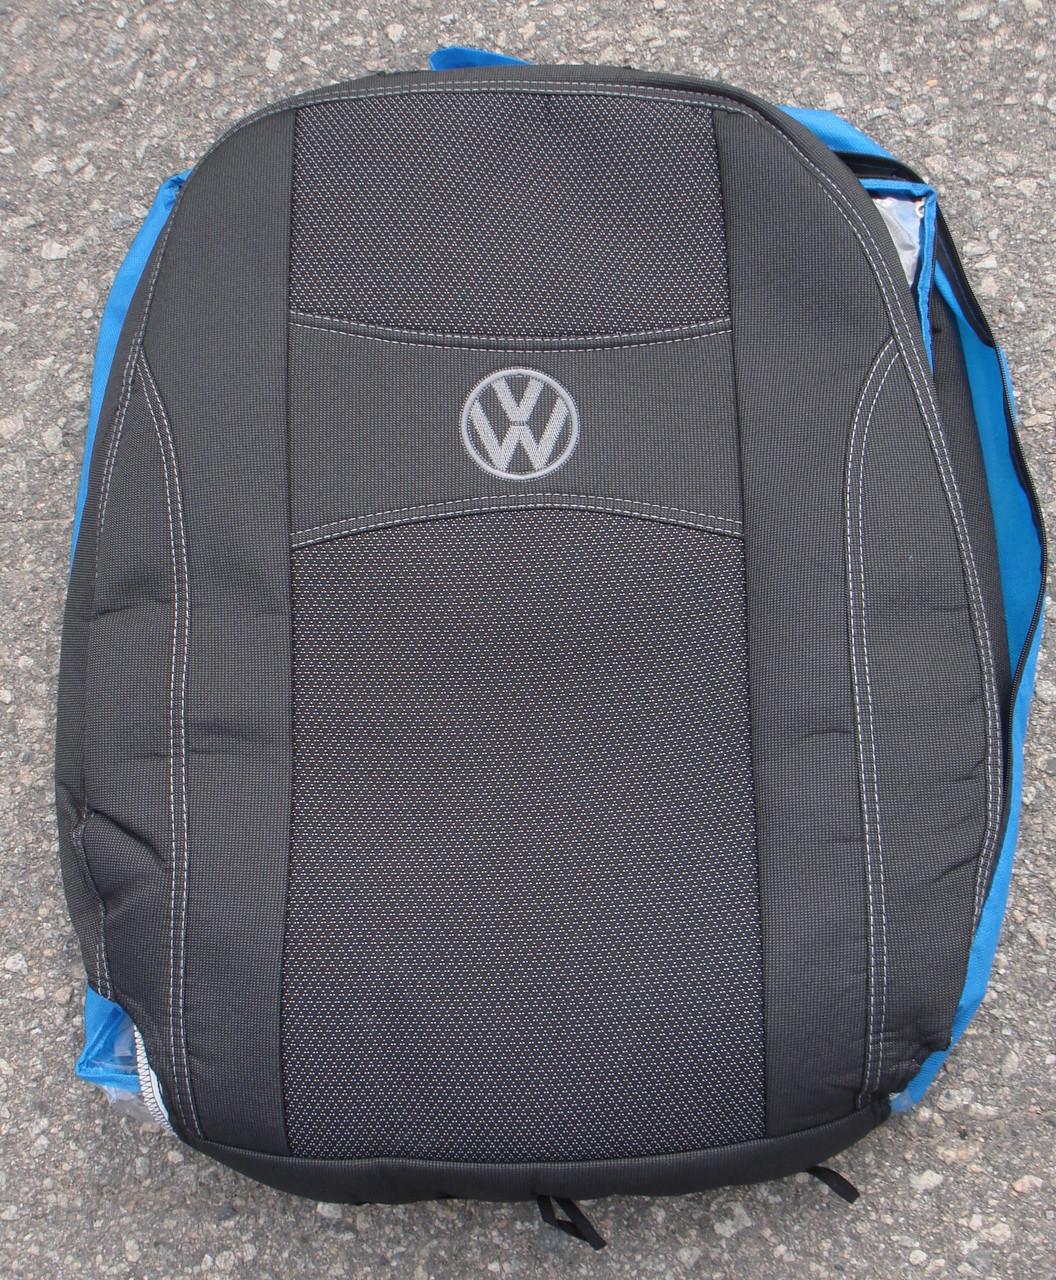 Авточехлы PREMIUM VOLKSWAGEN CADDY III 5 мест 2004-10г./2010 автомобильные модельные чехлы на для сиденья сидений салона VOLKSWAGEN Фольксваген VW